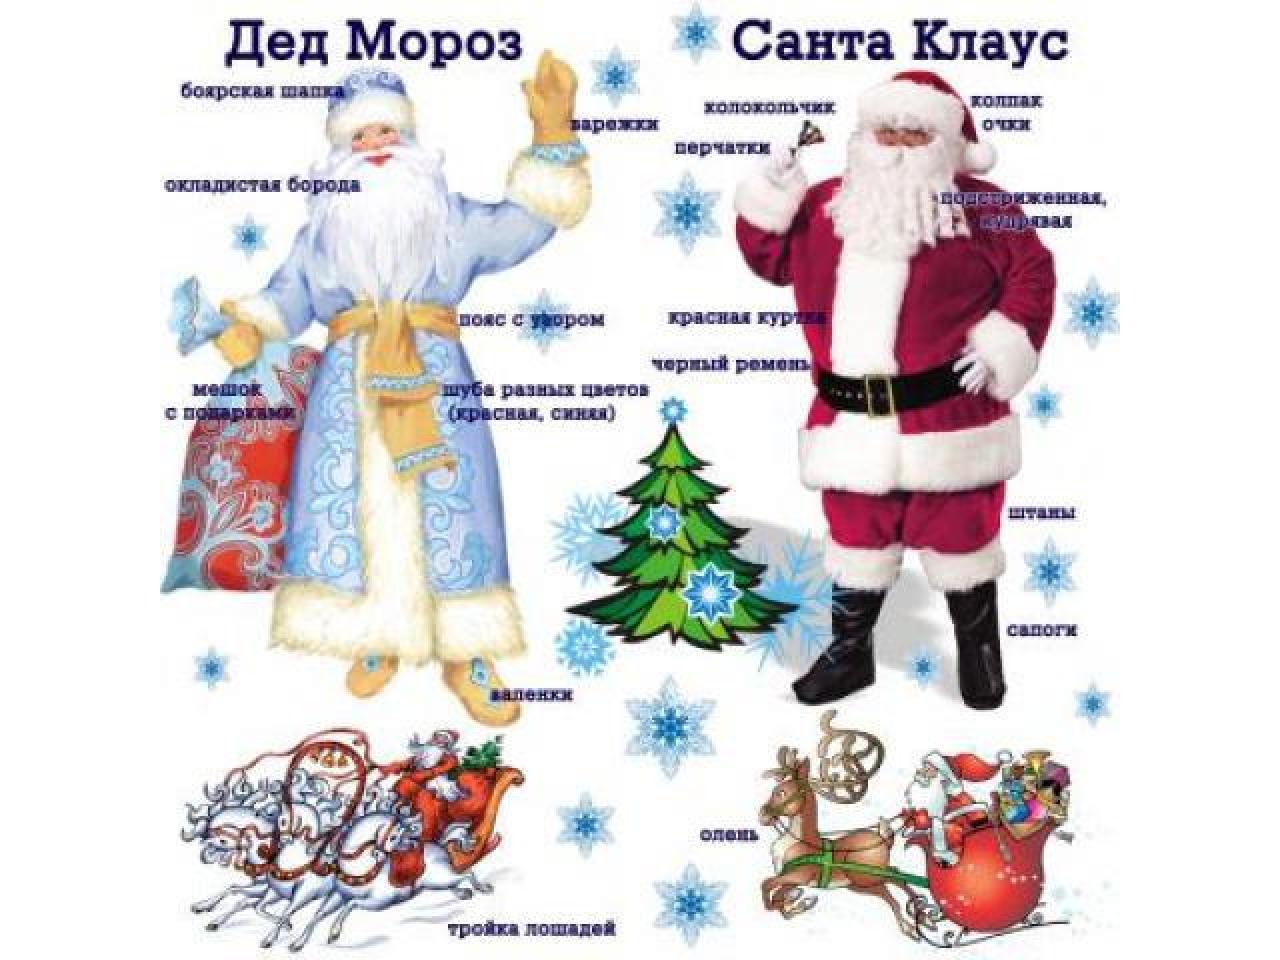 Пригласите Дед Мороза В Гости В Лондоне! - 2